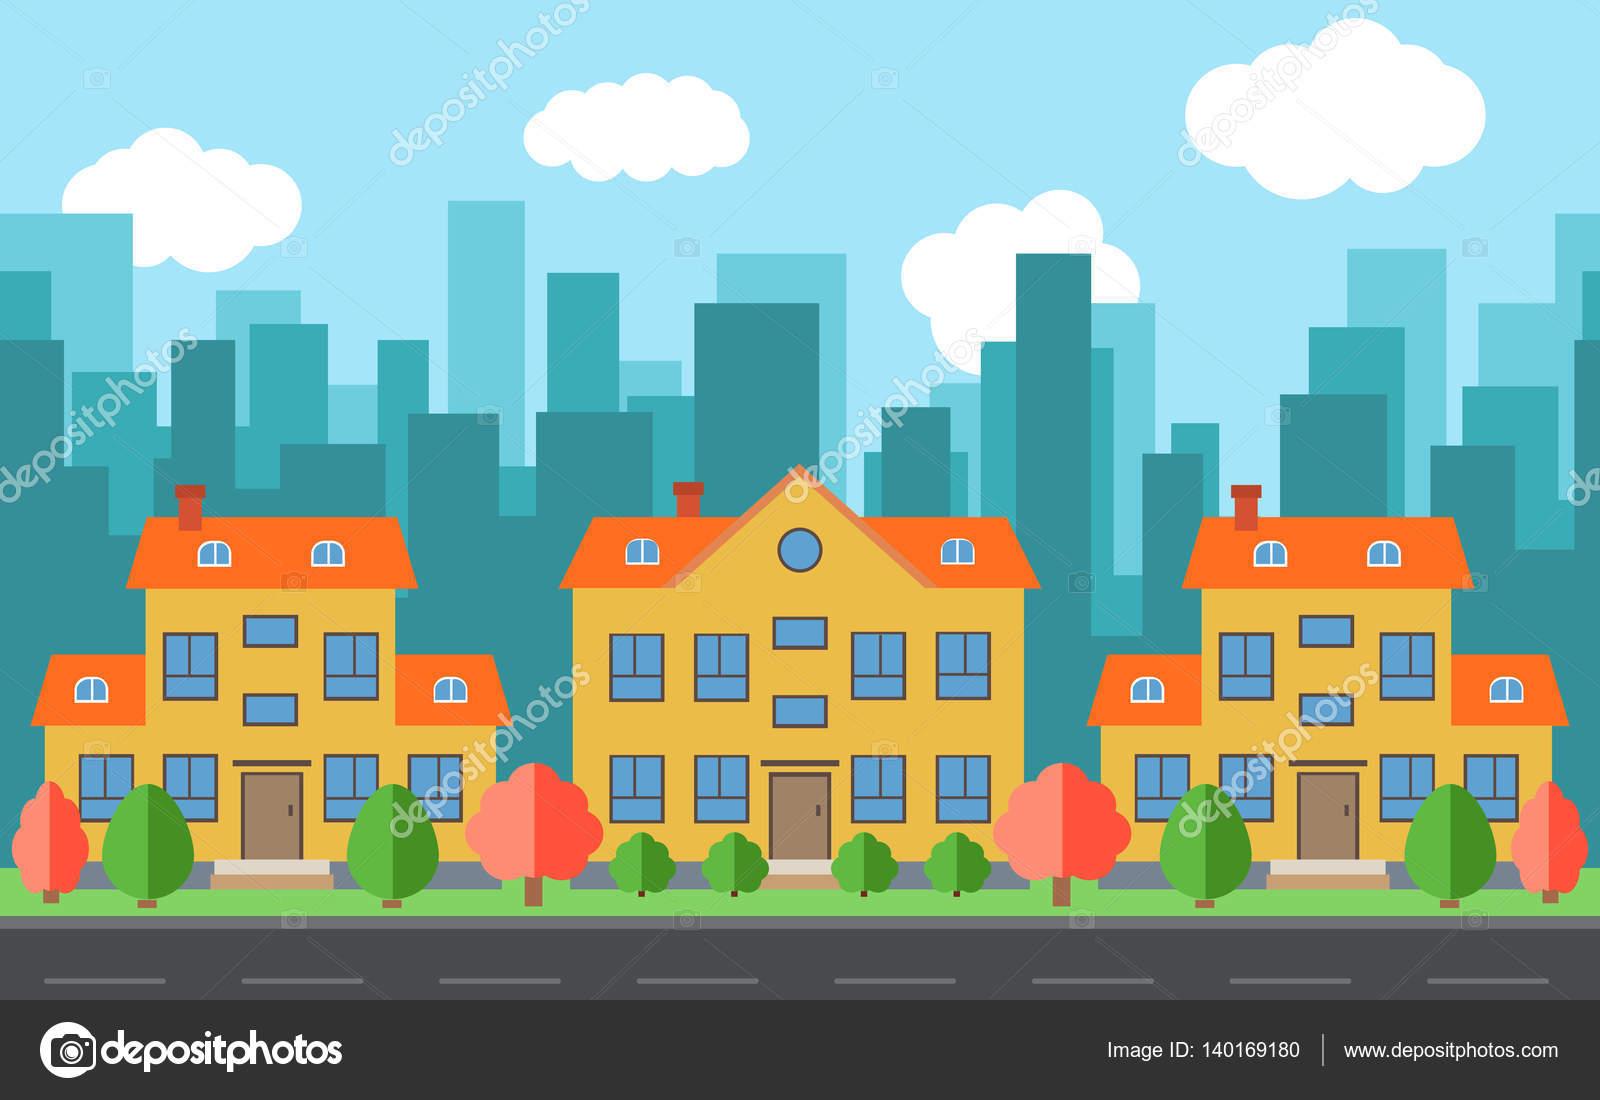 Imagenes De Edificios En Caricatura: Ciudad Vector De Dibujos Animados De Casas Y Edificios